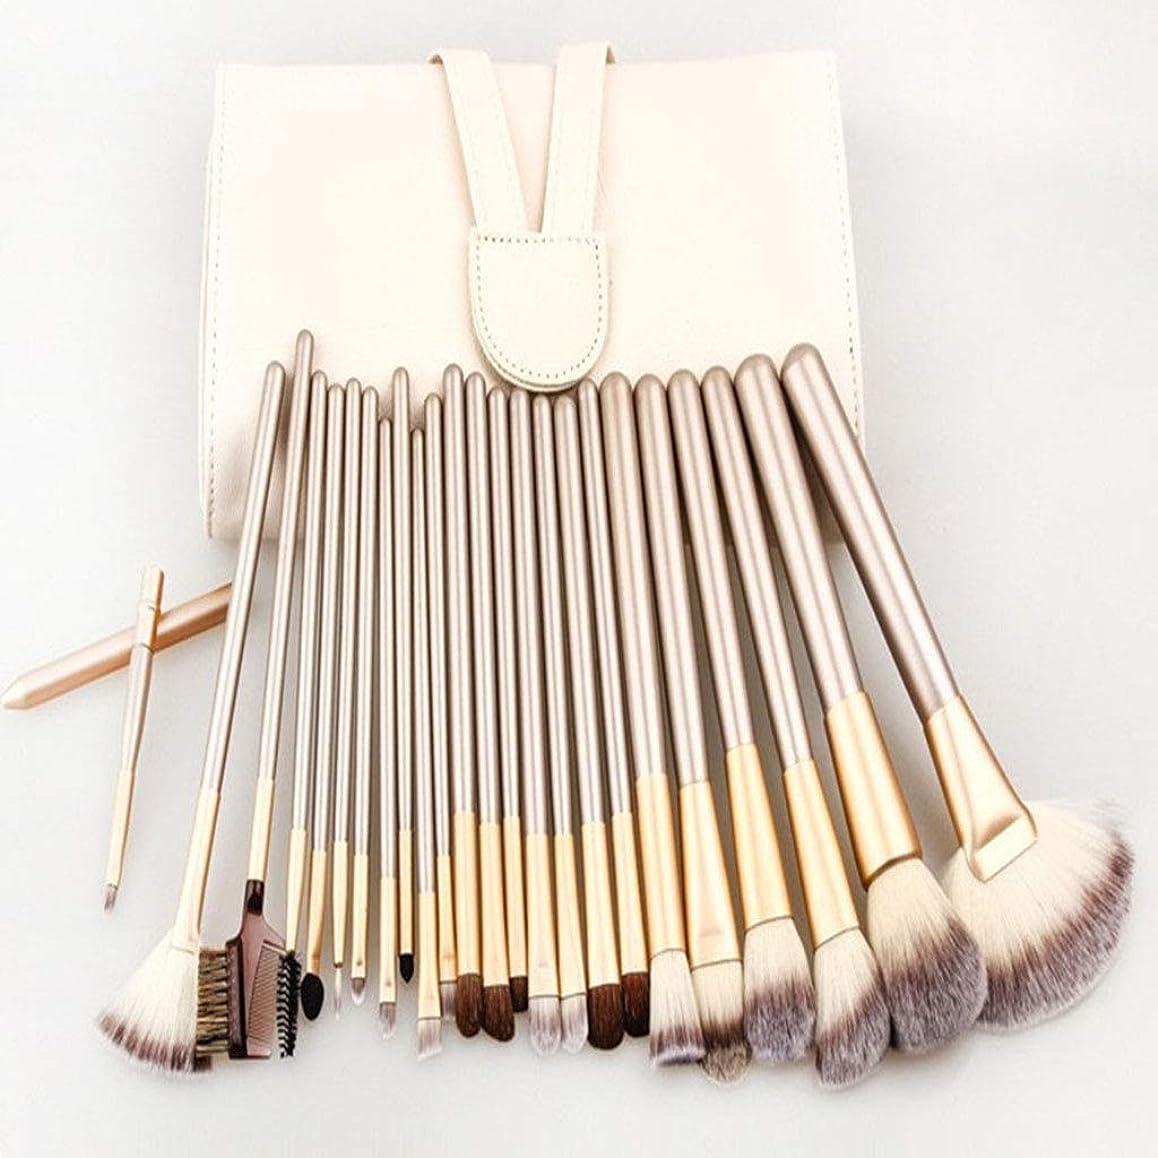 支配する樹木羊の服を着た狼12 18スティック化粧ブラシ美容キット